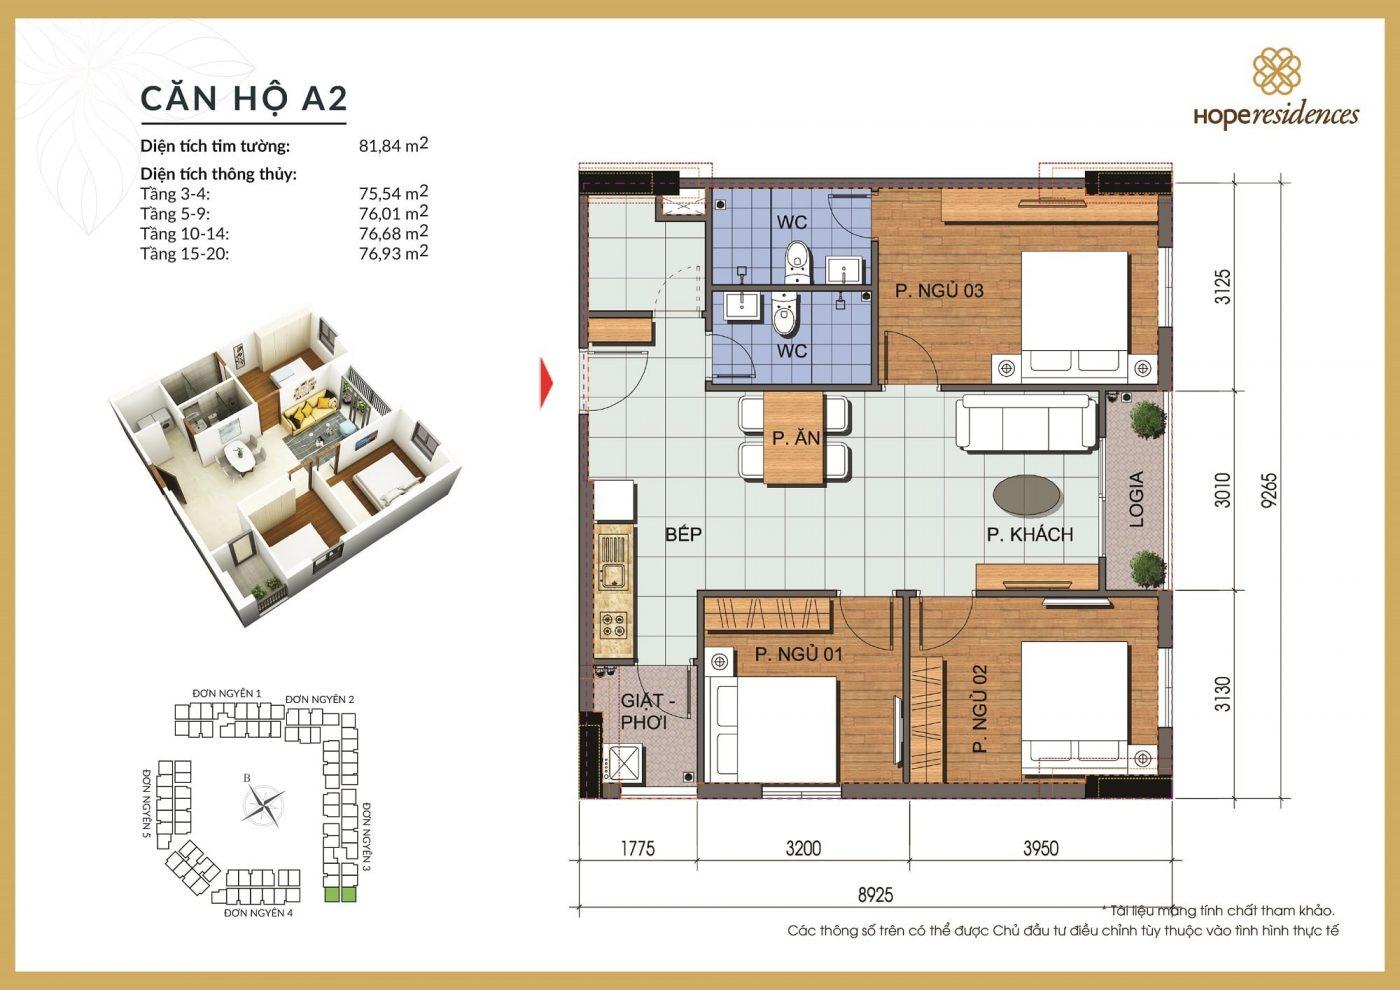 mat bang thiet ke can ho a2 hope residences